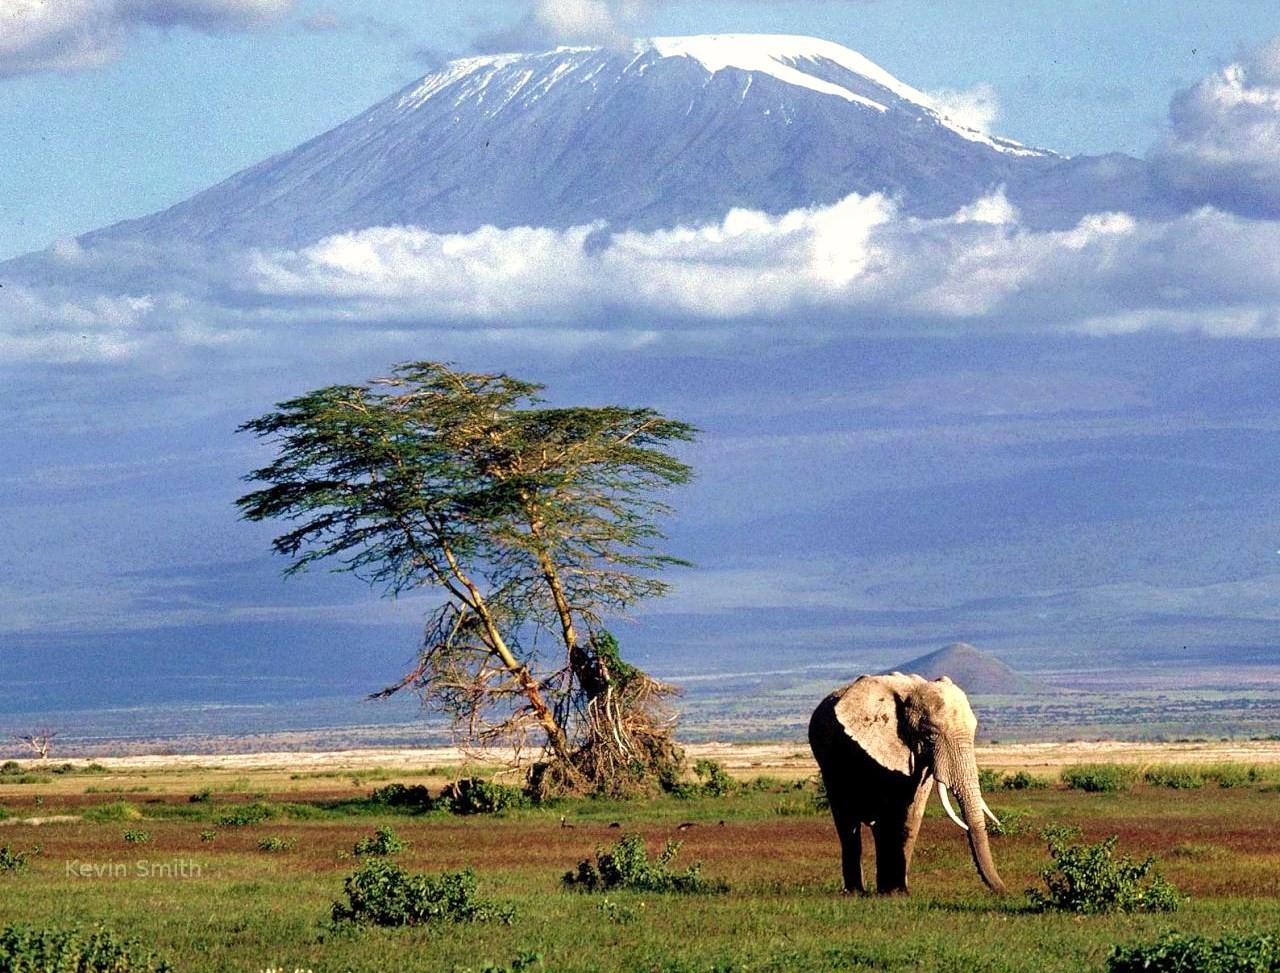 Tanzania_Safari_Of_Tanzania